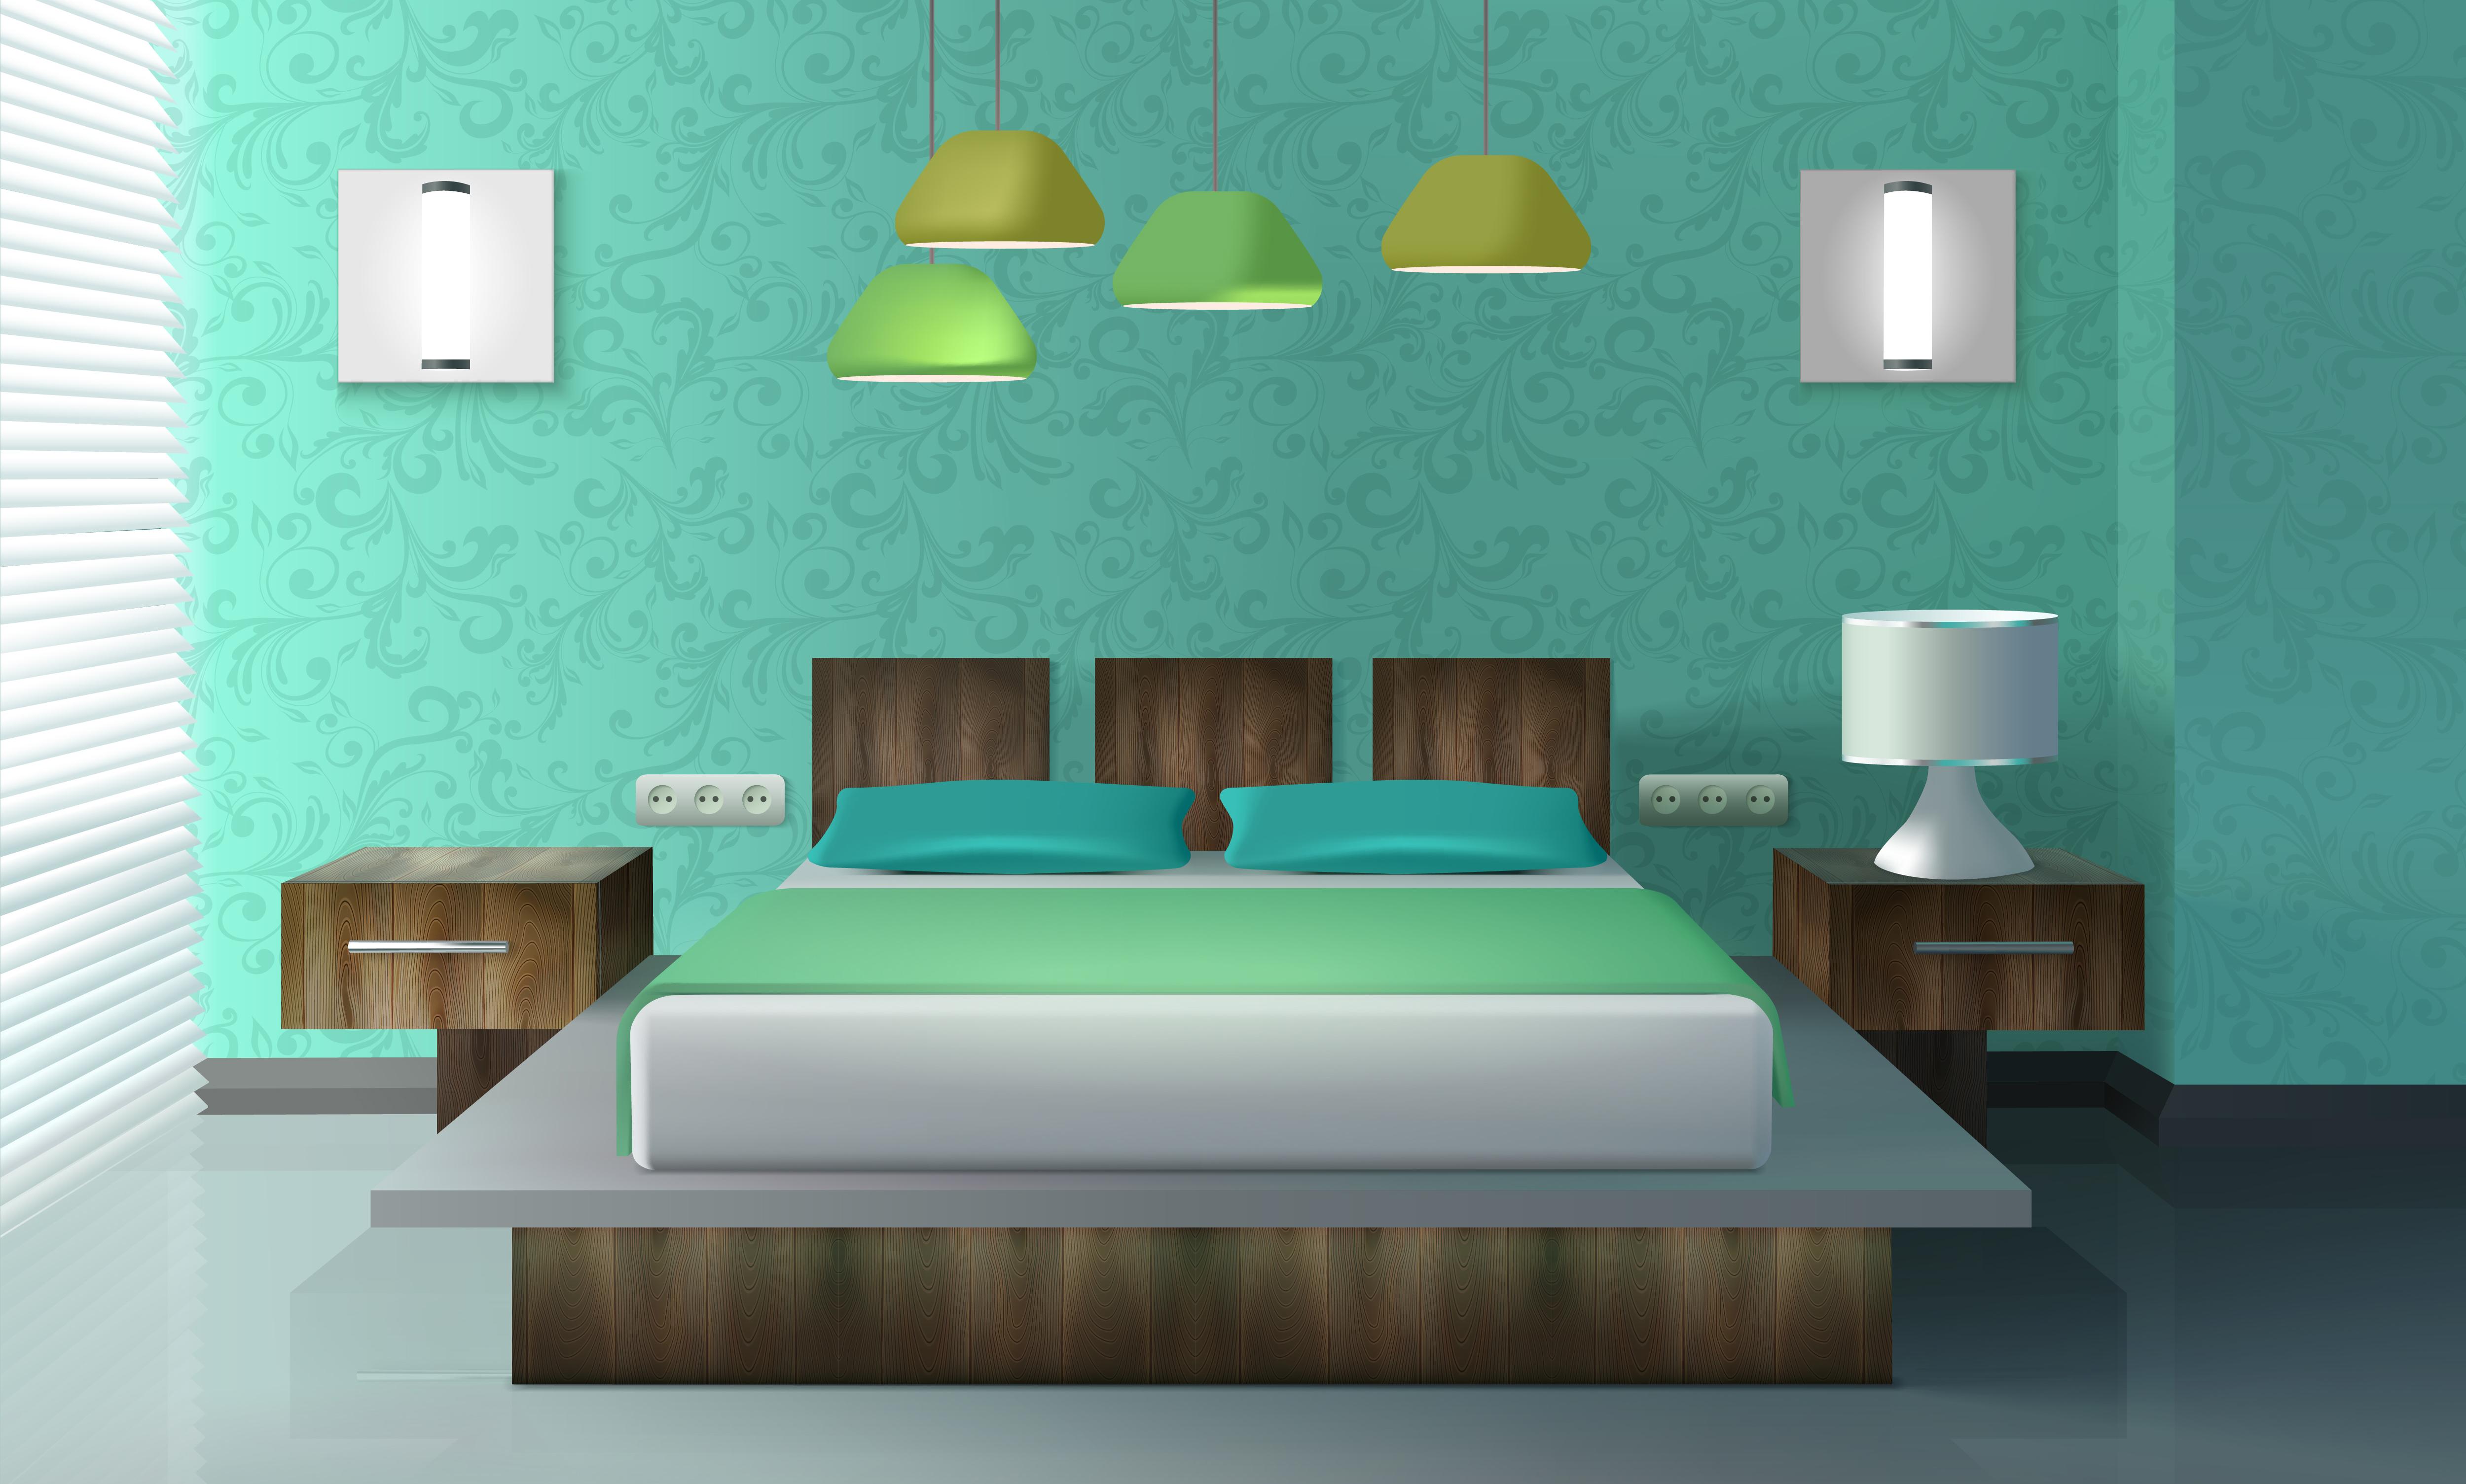 Bedroom Interior Design 11 Vector Art at Vecteezy